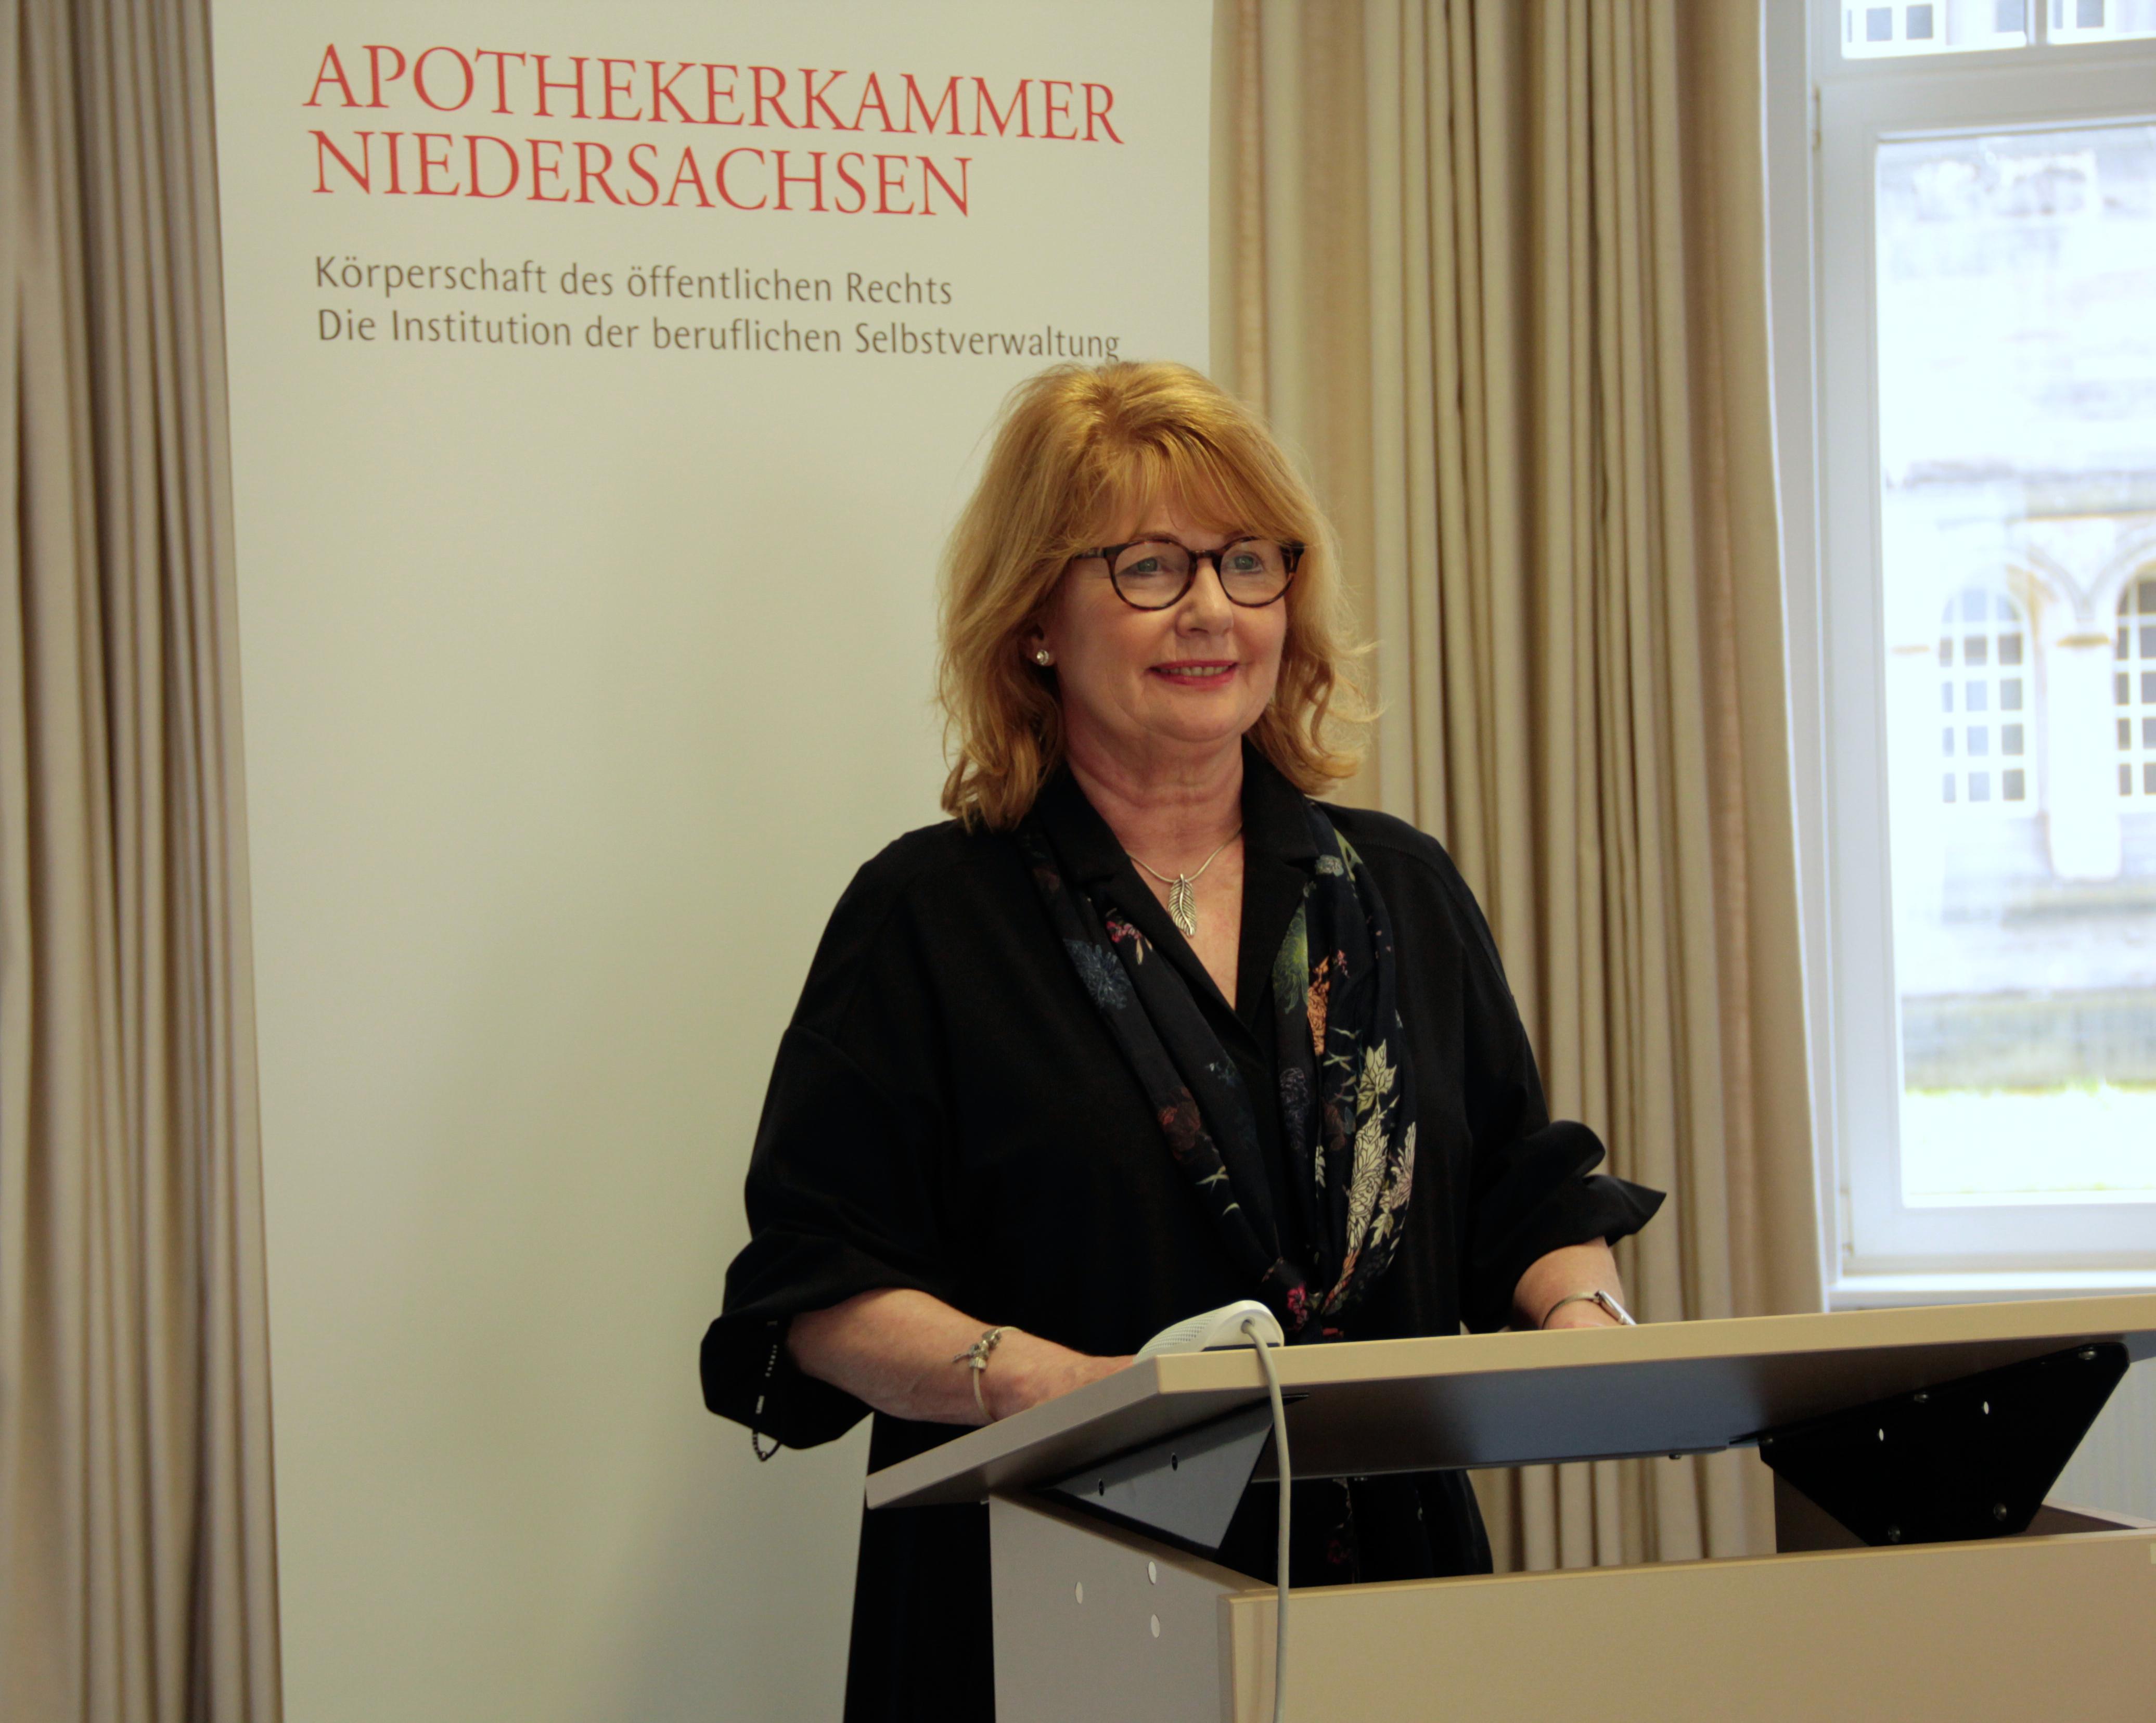 Cathrin Burs, Präsidentin der Apothekerkammer Niedersachsen